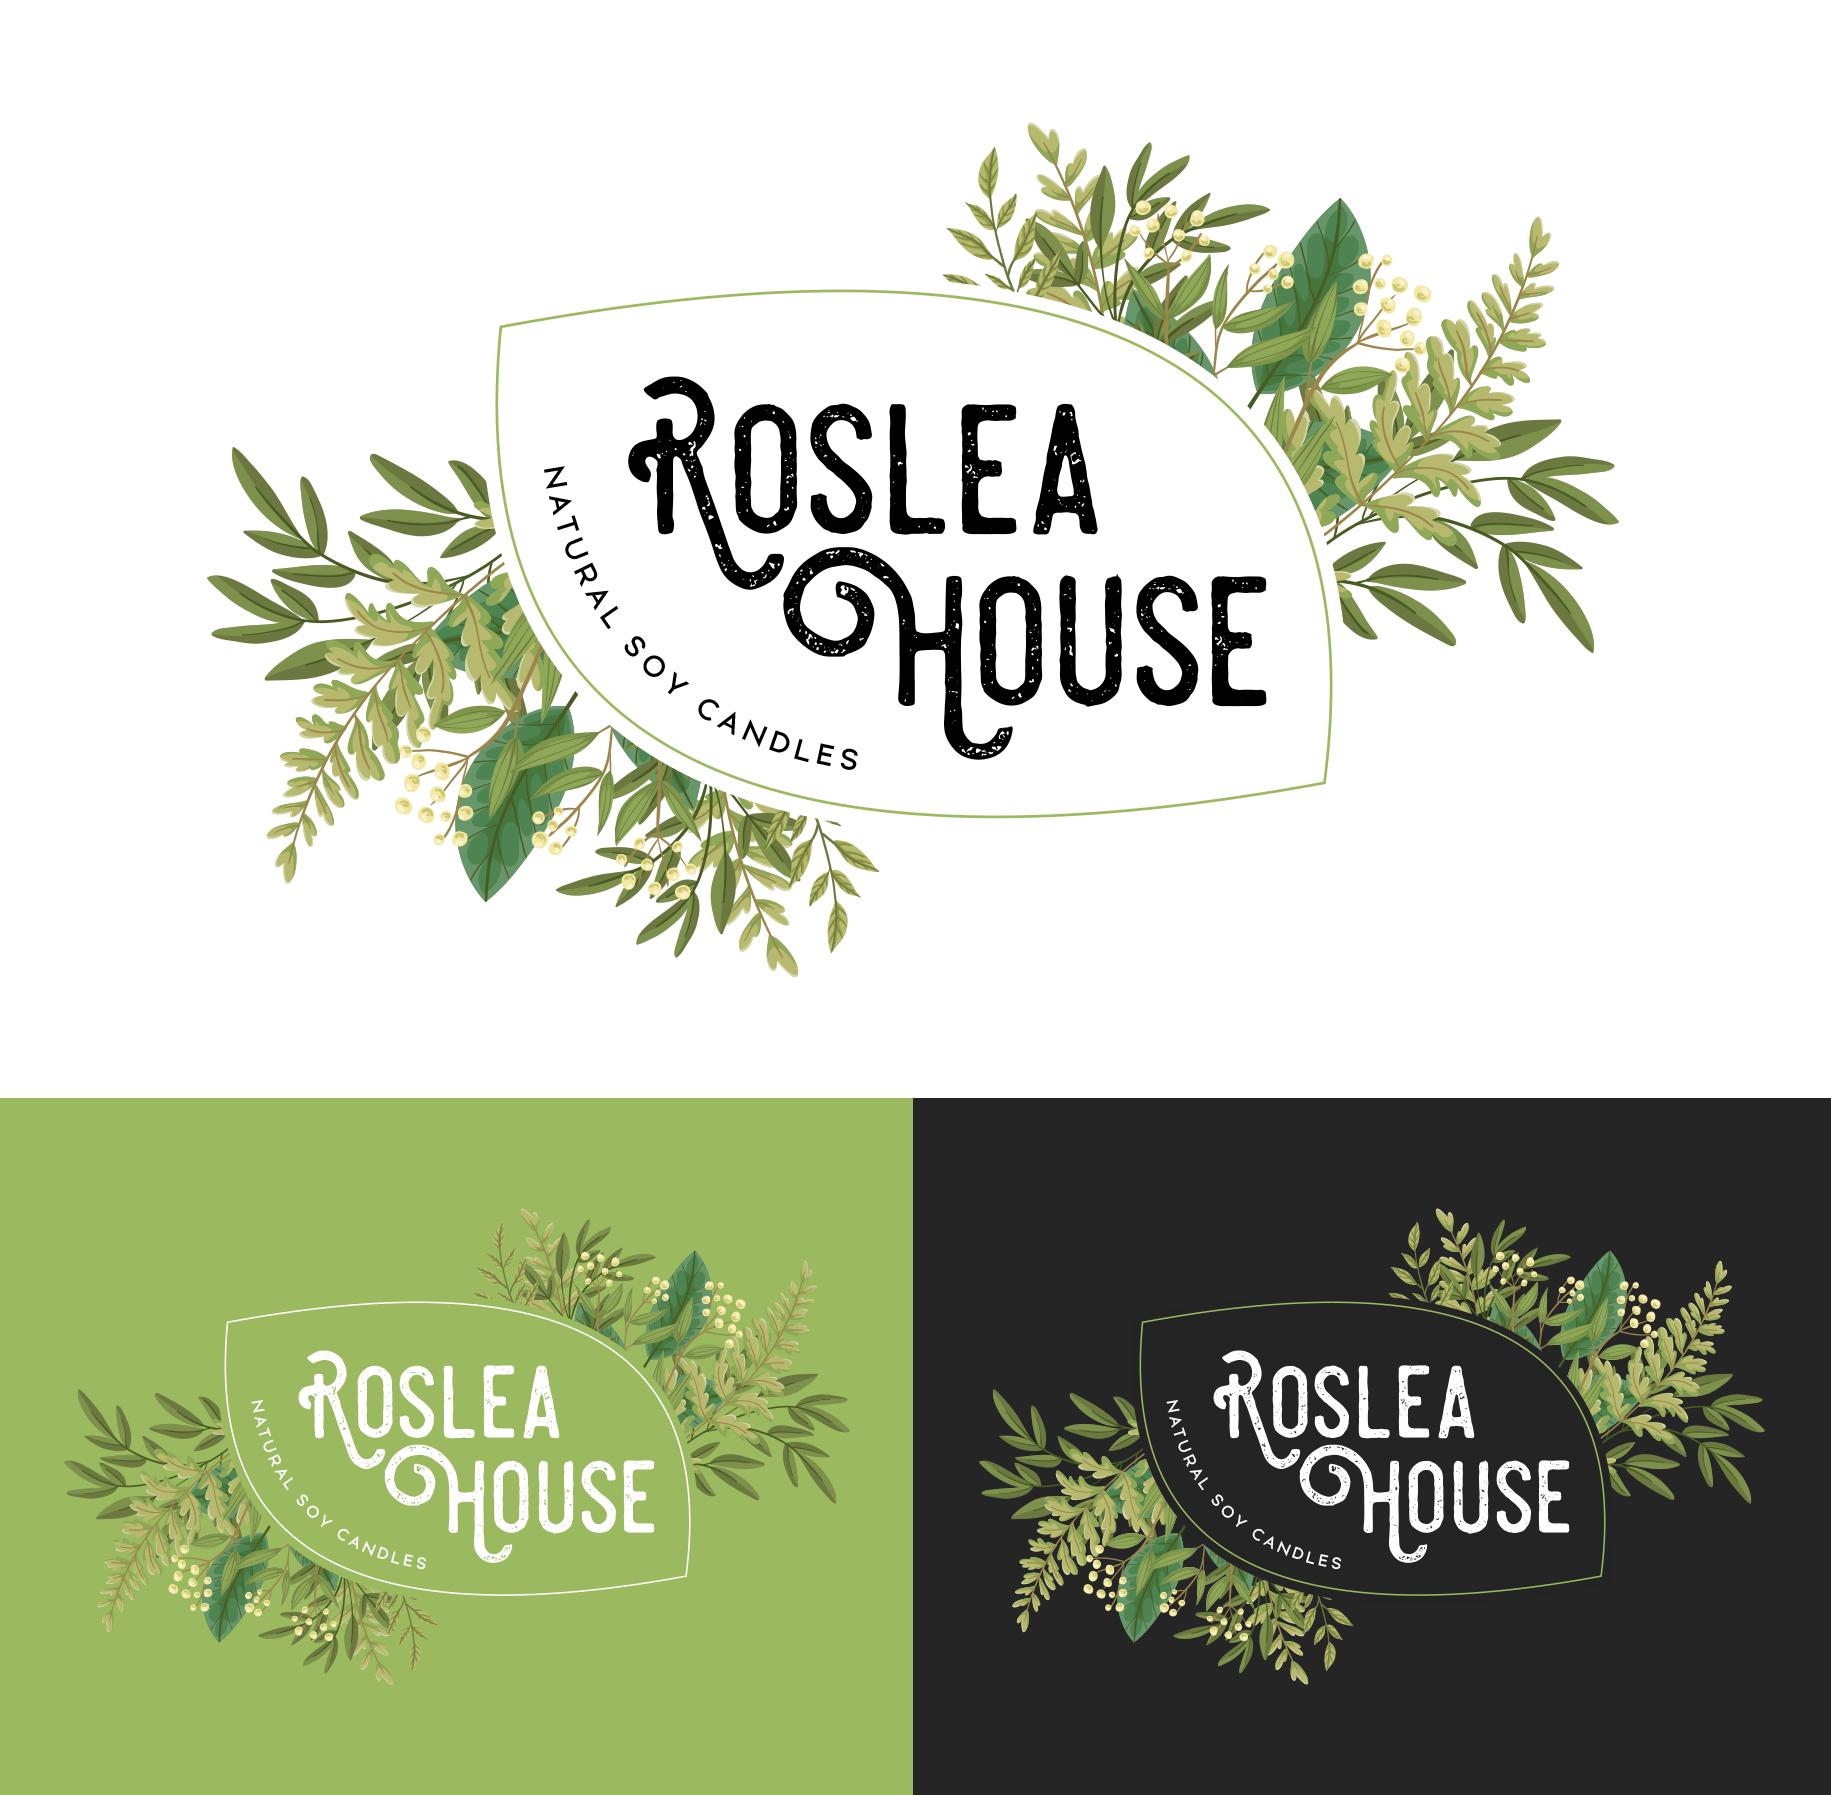 Roslea House